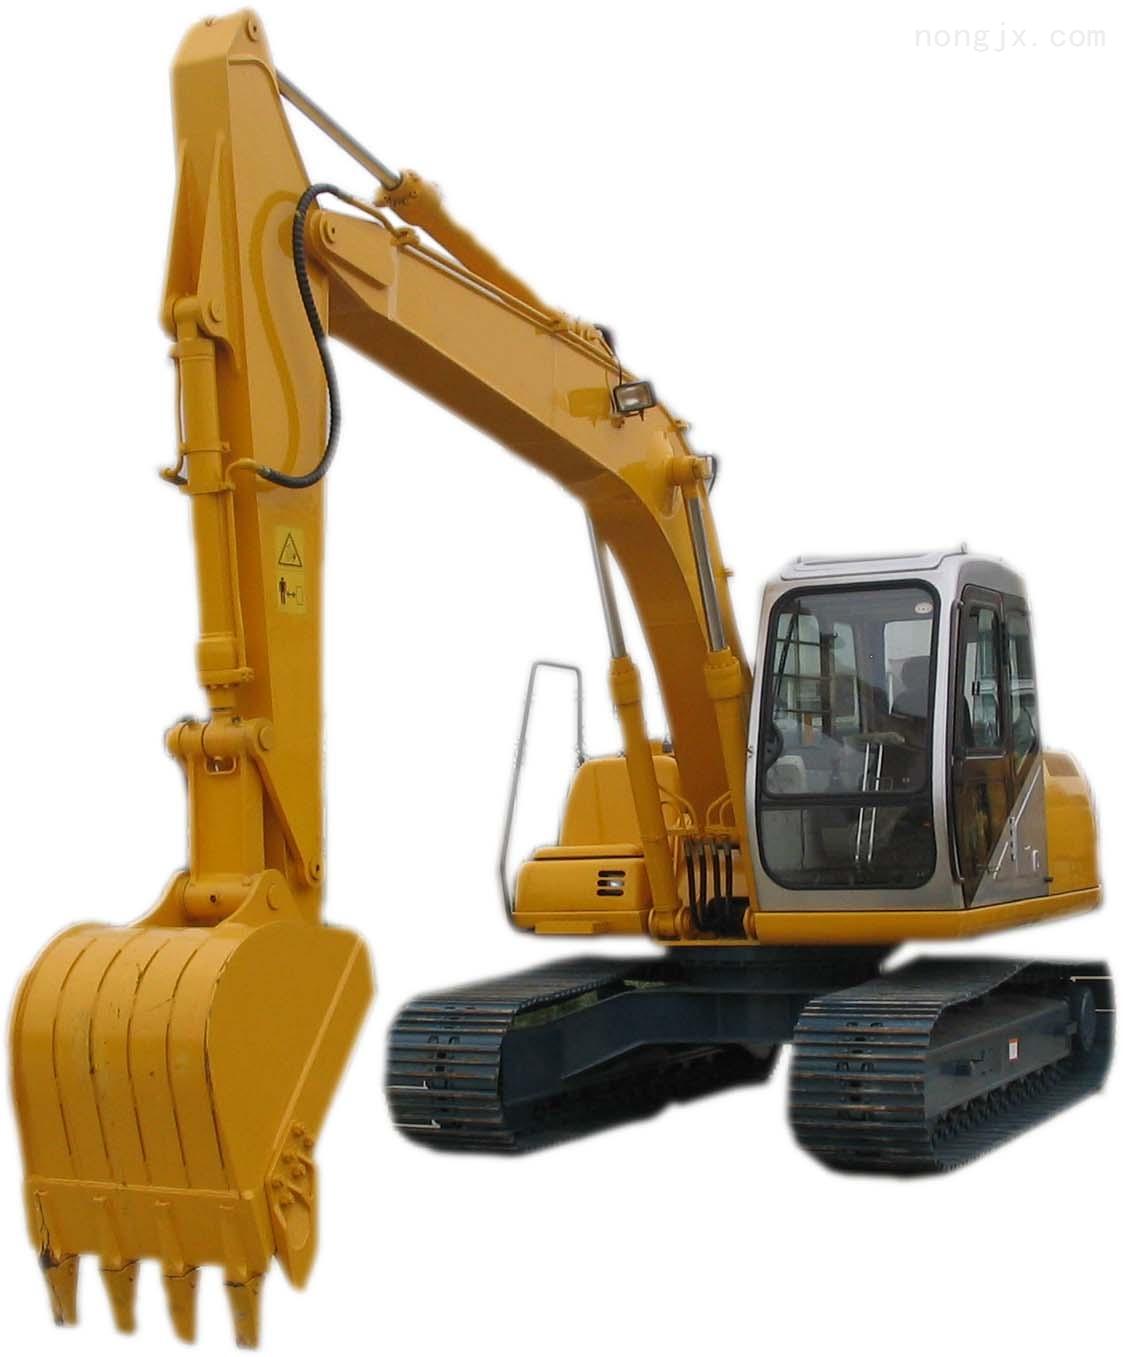 [新品] 农用挖掘机(YG15-8)